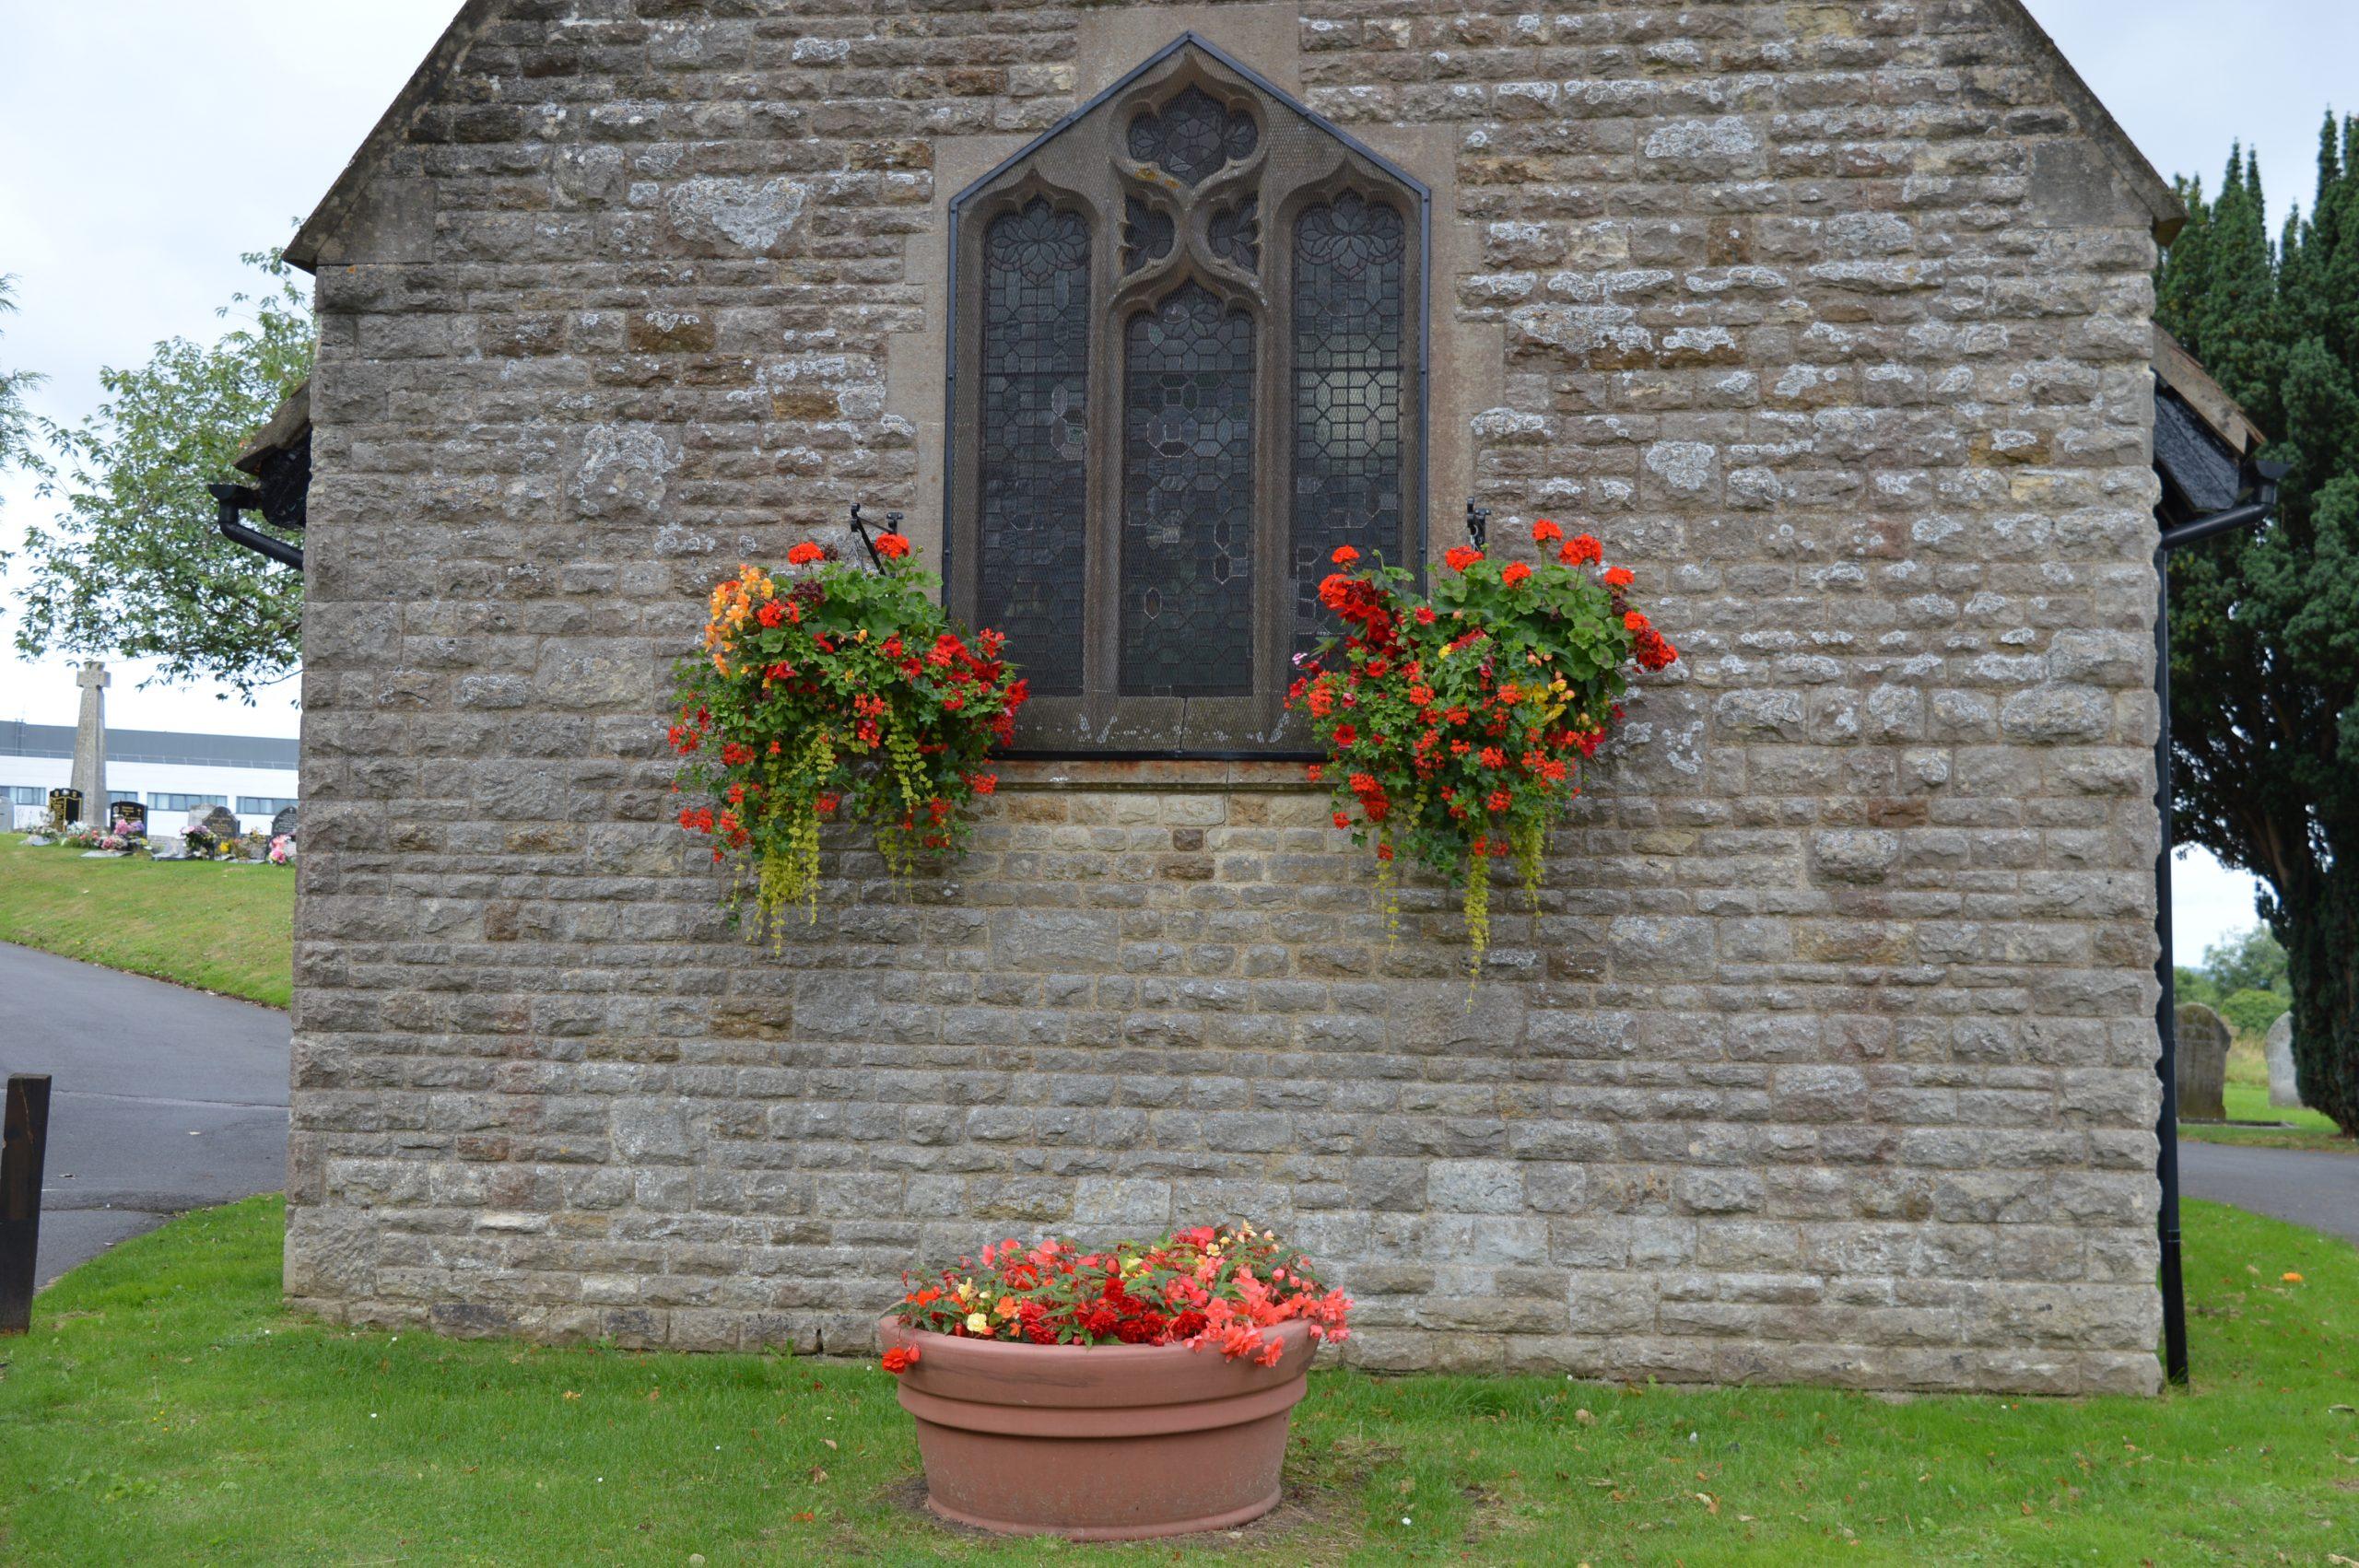 Colourful church planters